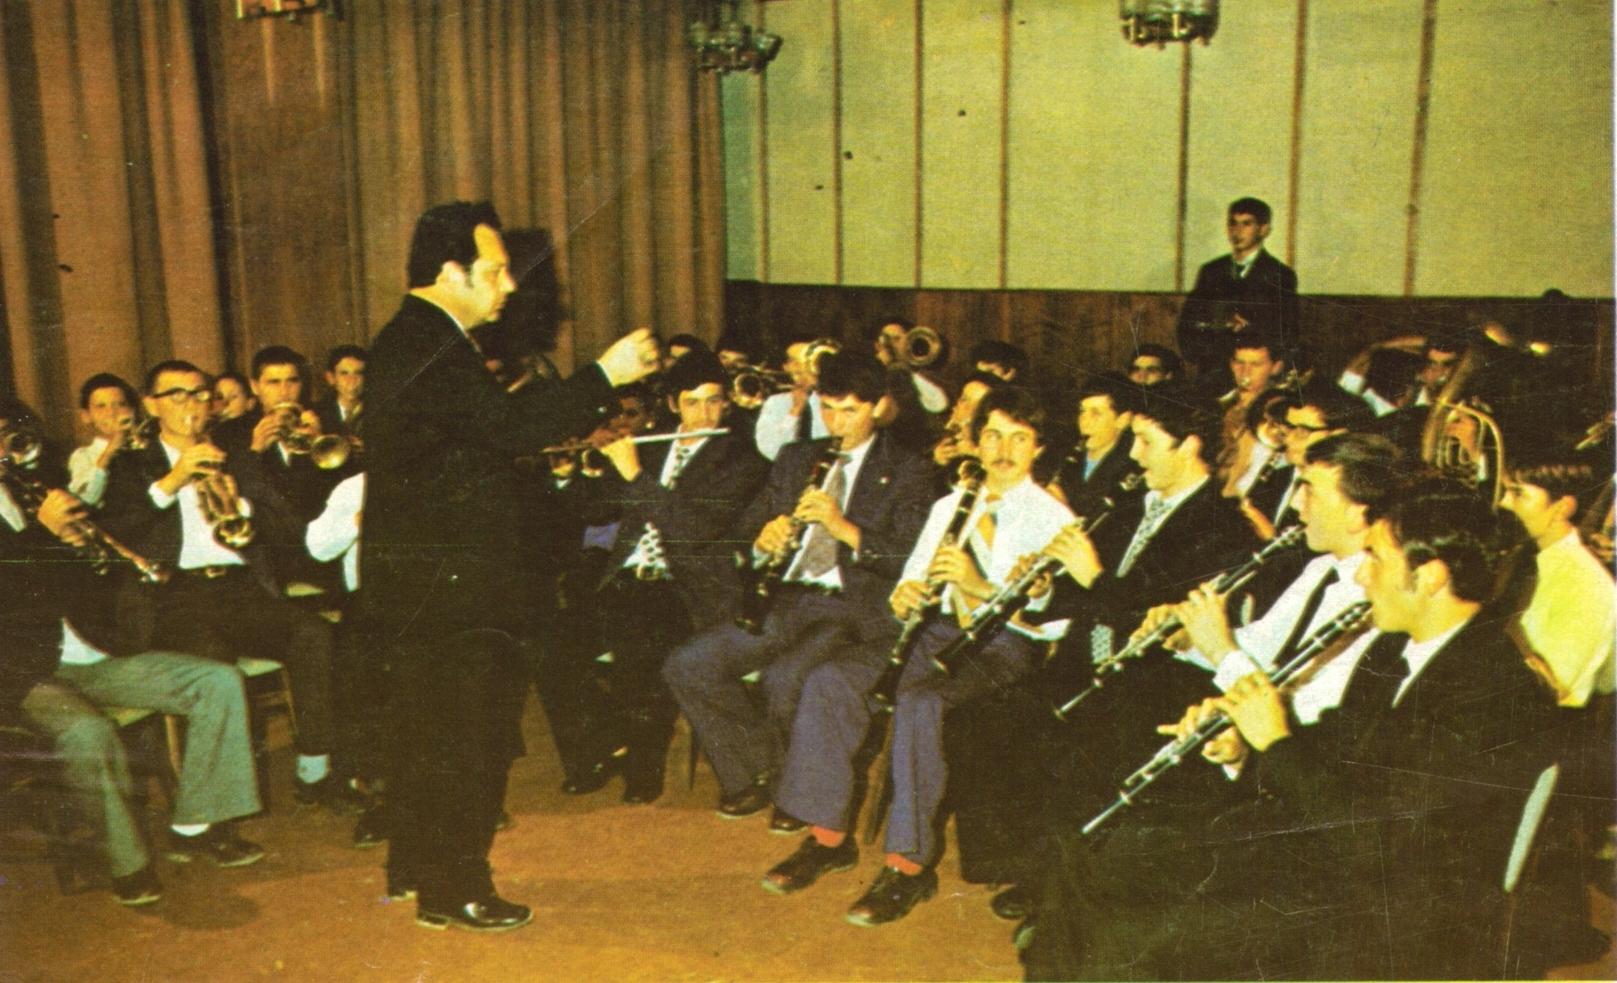 http://image.nauka.bg/kul/music/7.JPG